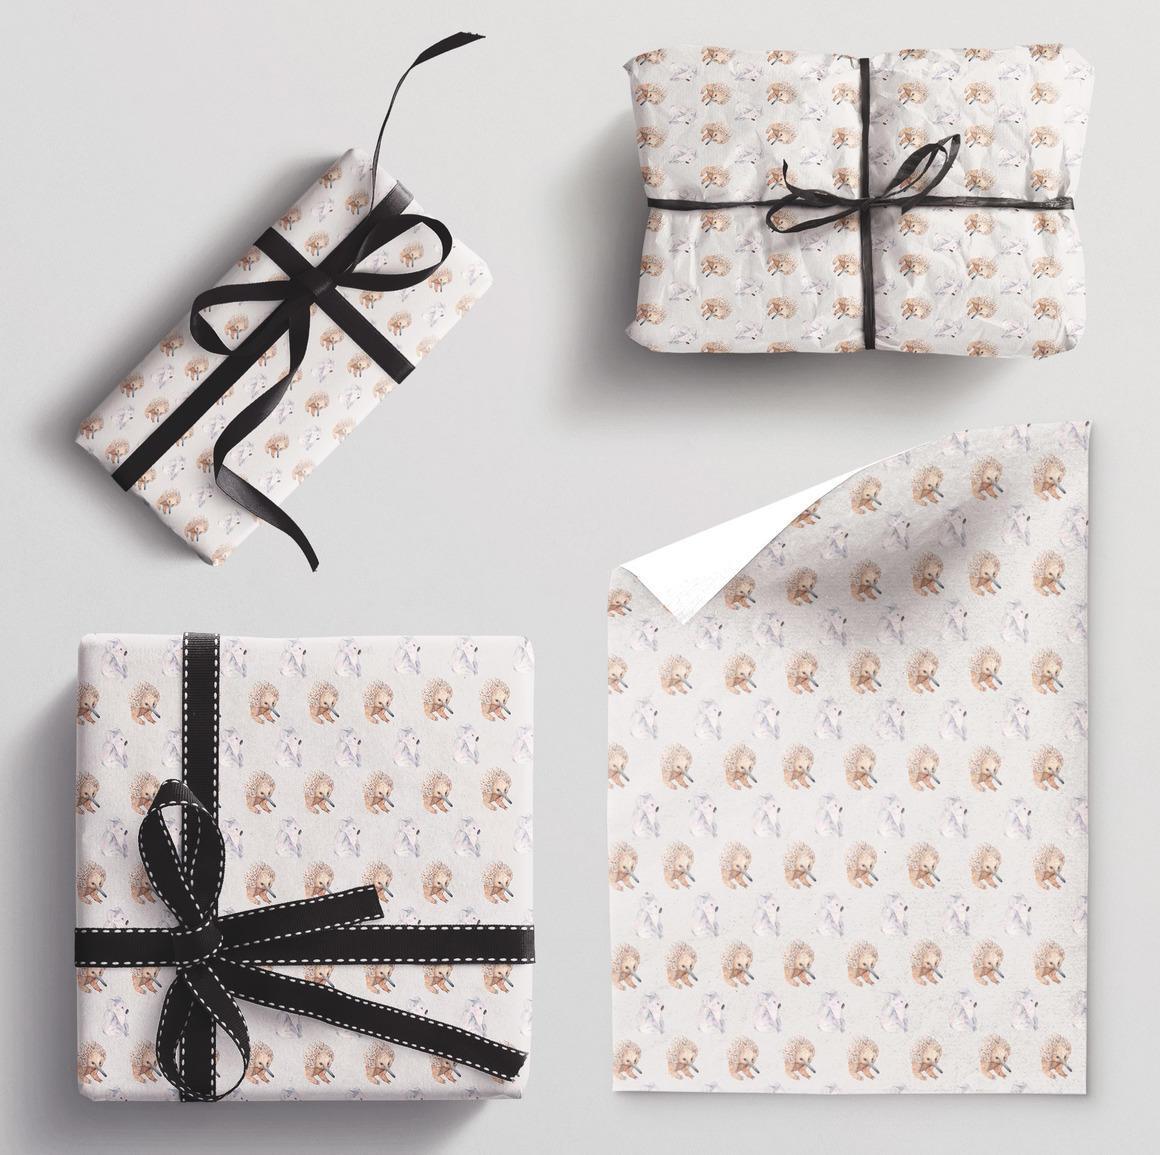 Wrapping paper single sheet Koala and Echidna | Trada Marketplace